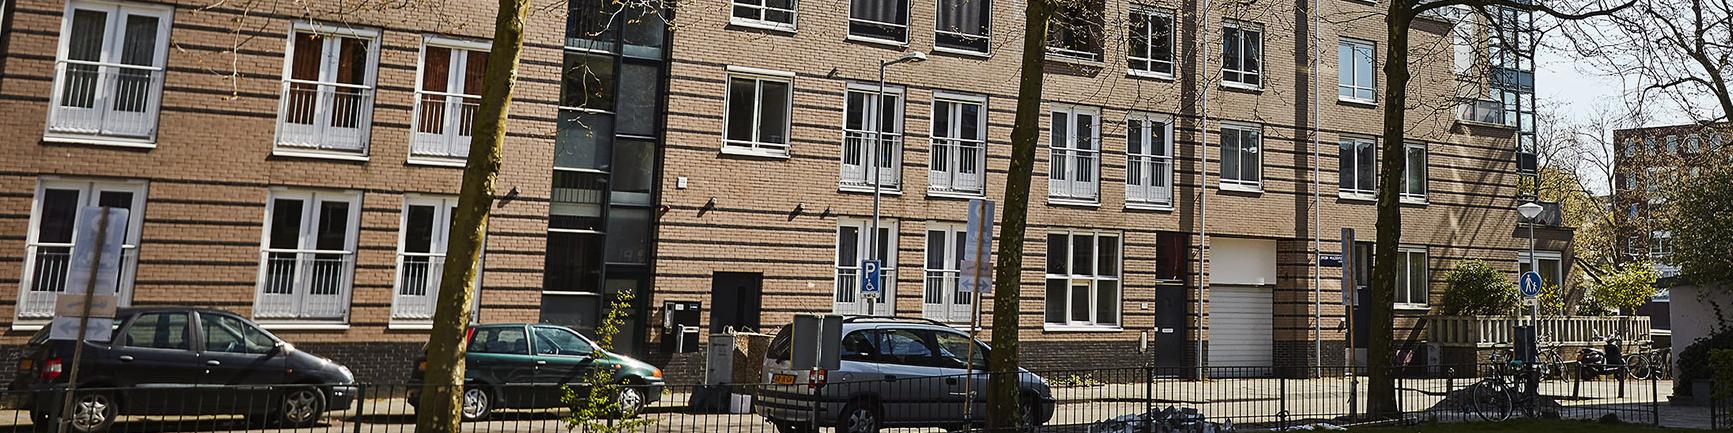 Mulderplein